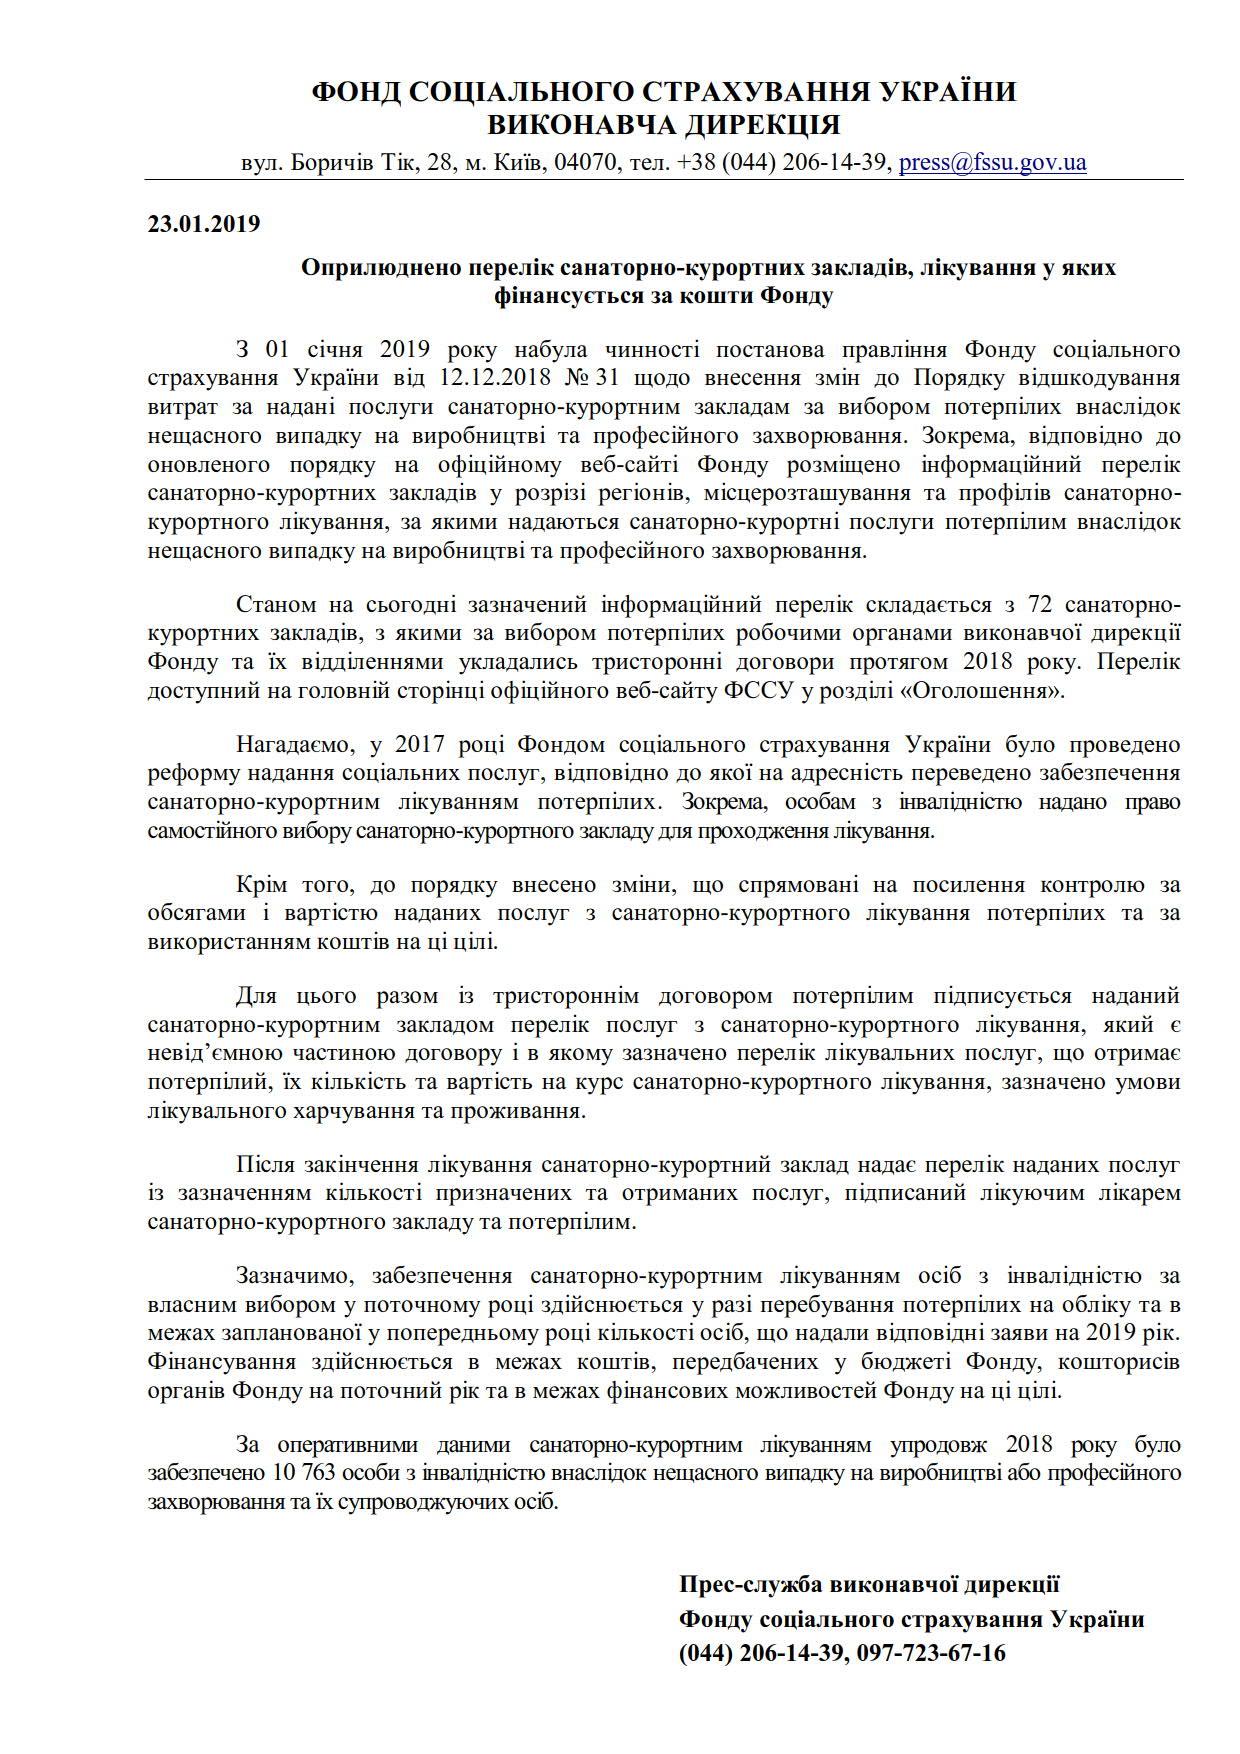 ФССУ_Перелік санаторіїв_1